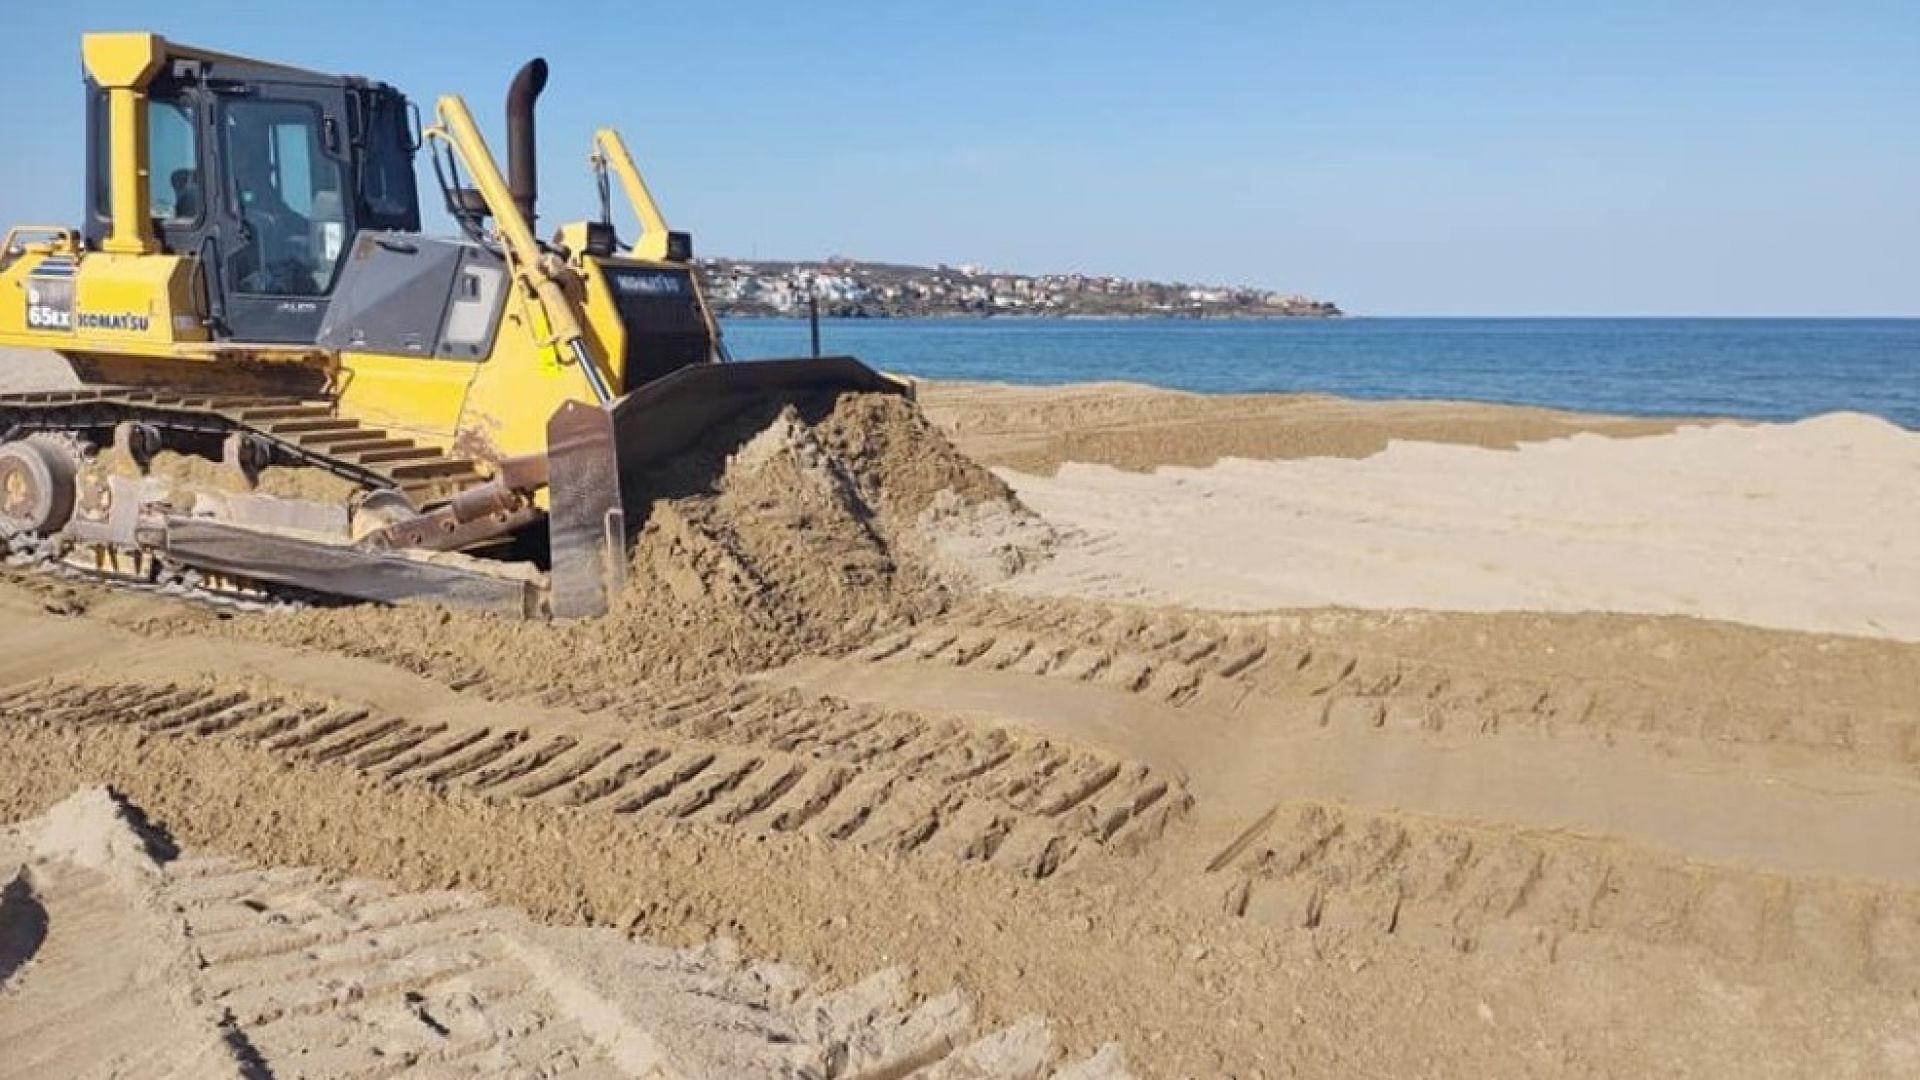 """3 856 лв. глоба за разораните дюни на плаж """"Смокините-север"""""""